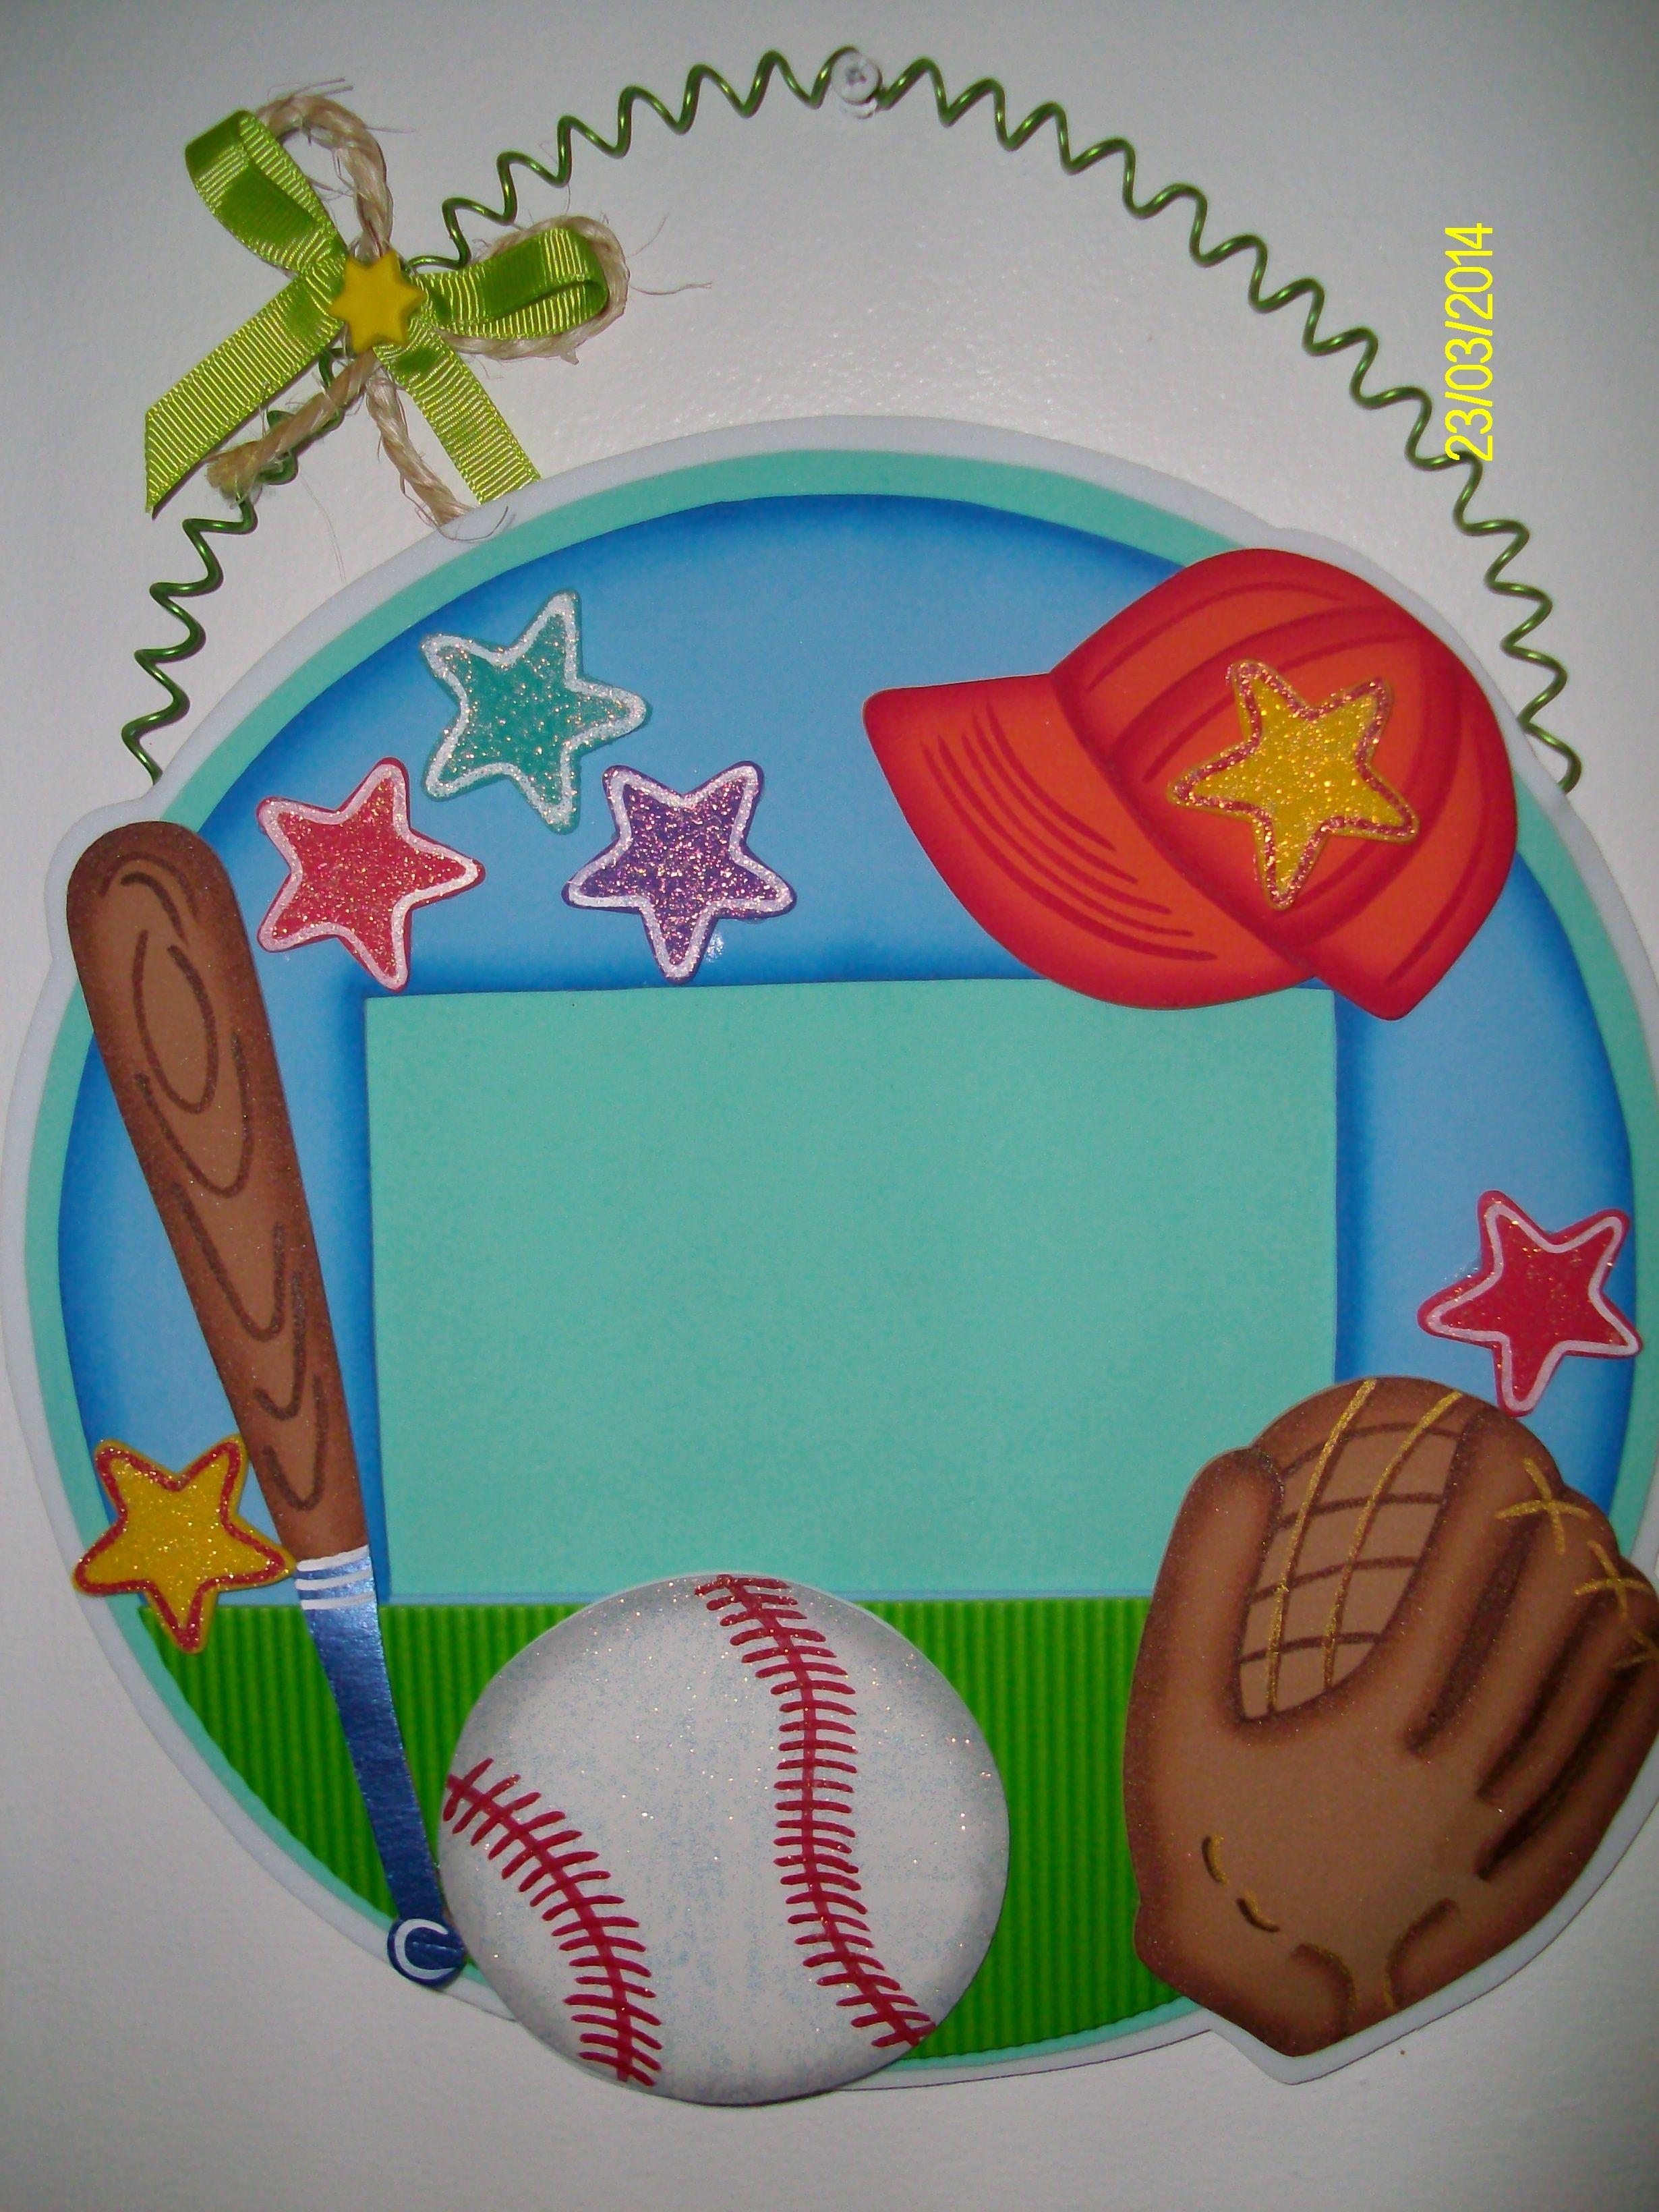 Portaretratos colgante beisbol manualidades con goma eva - Manualidades en familia ...